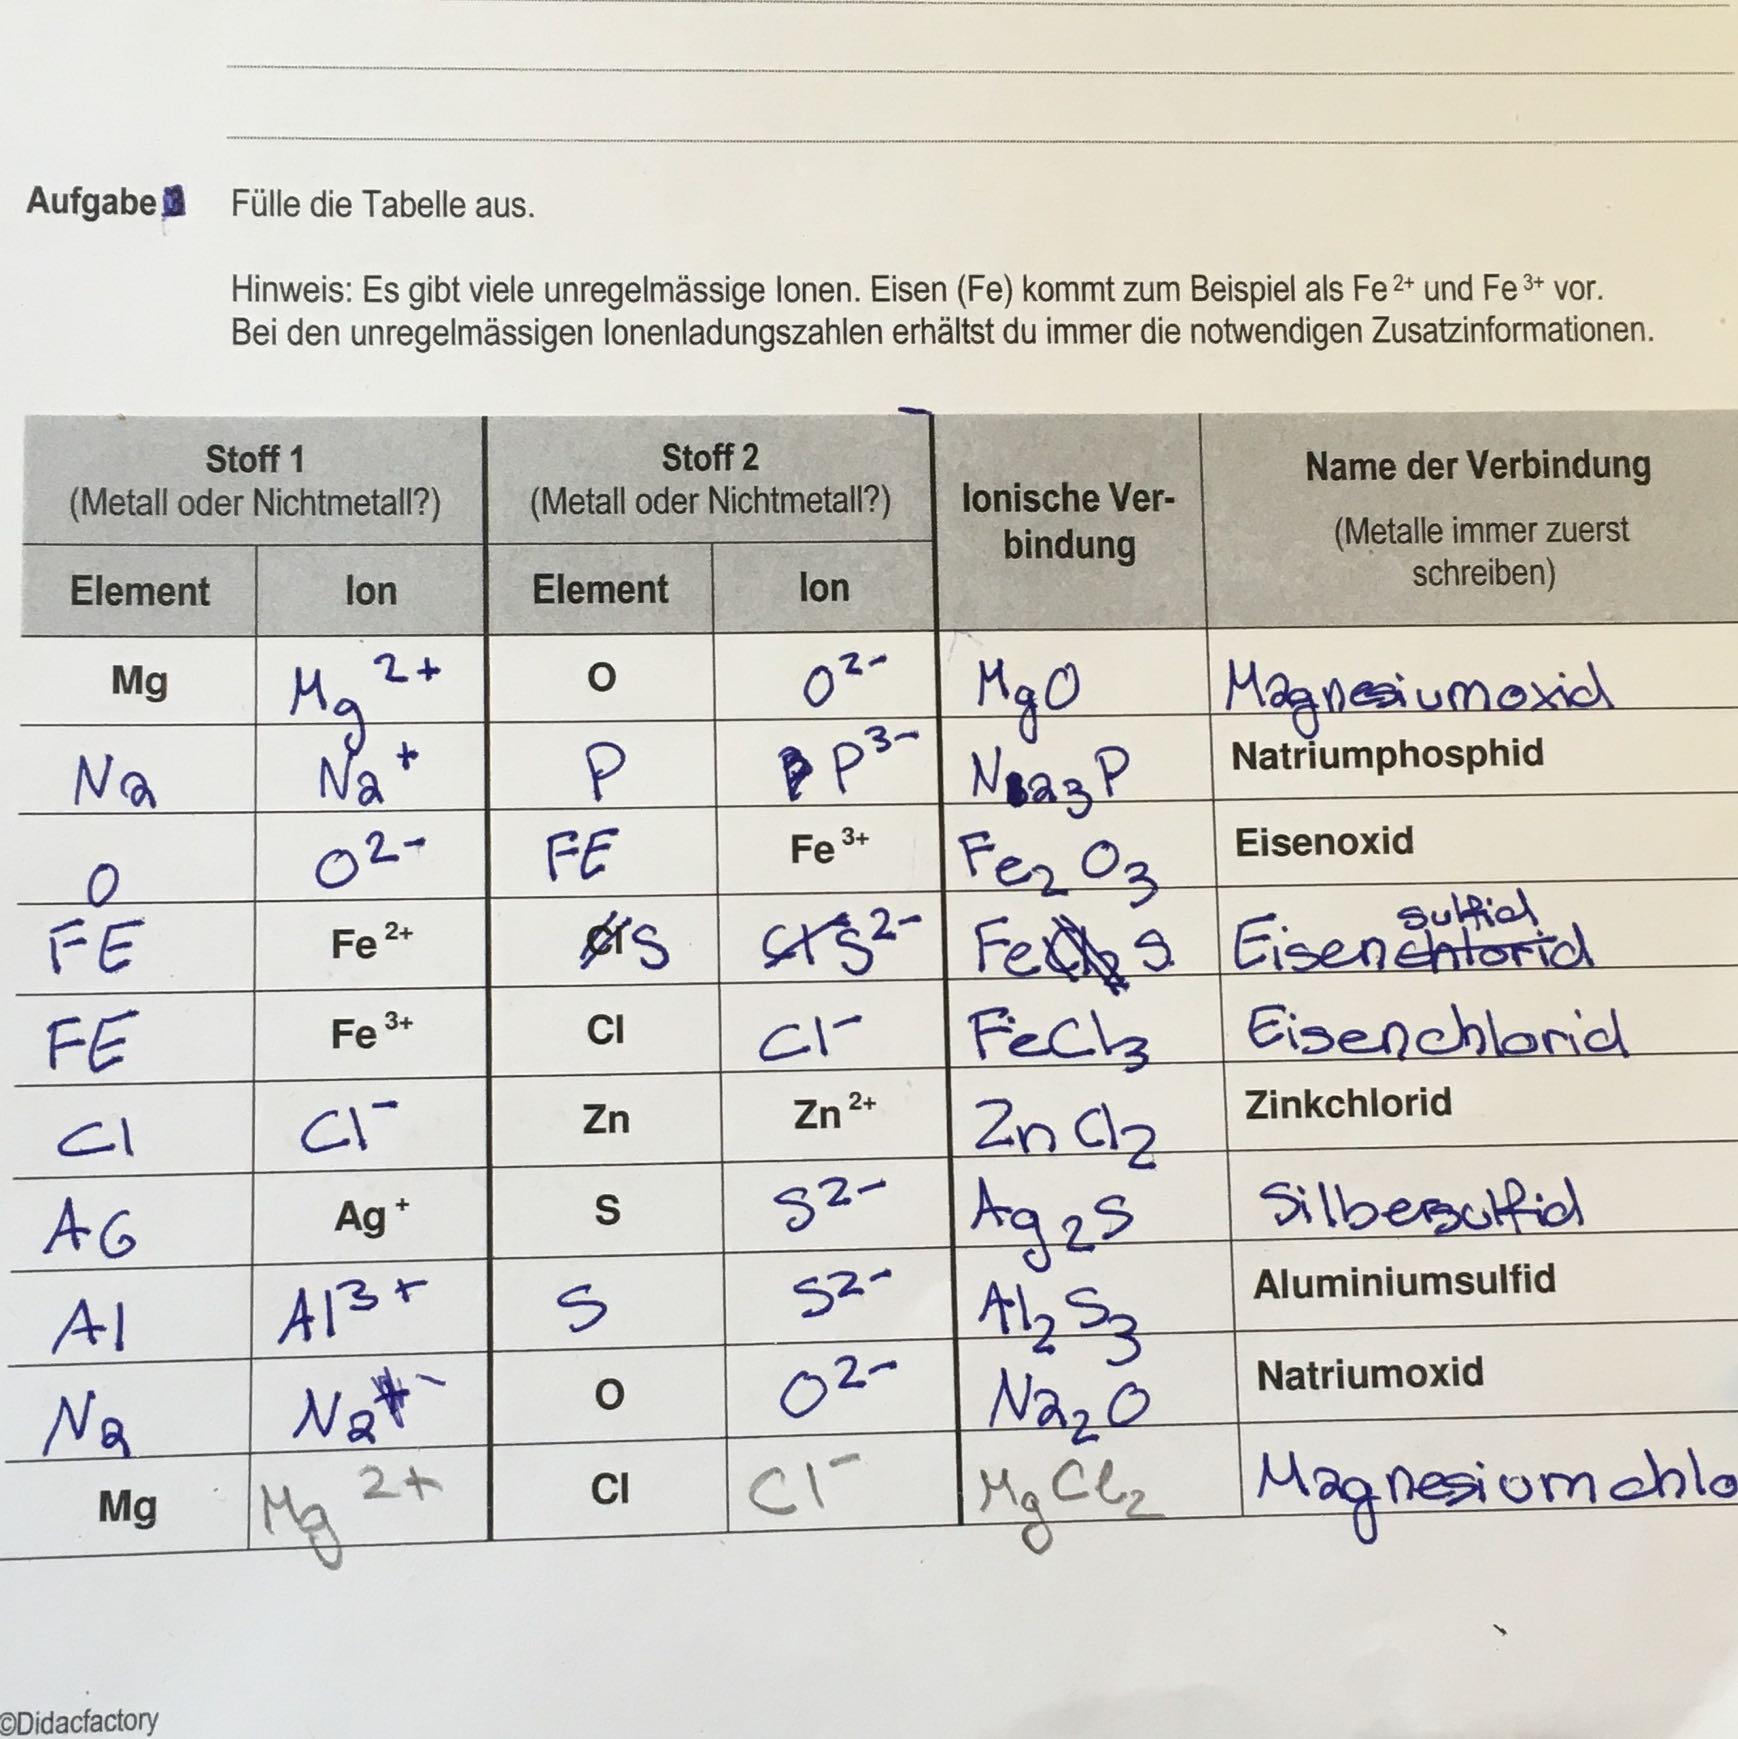 Ionen und Ionische Verdingung? (Chemie)